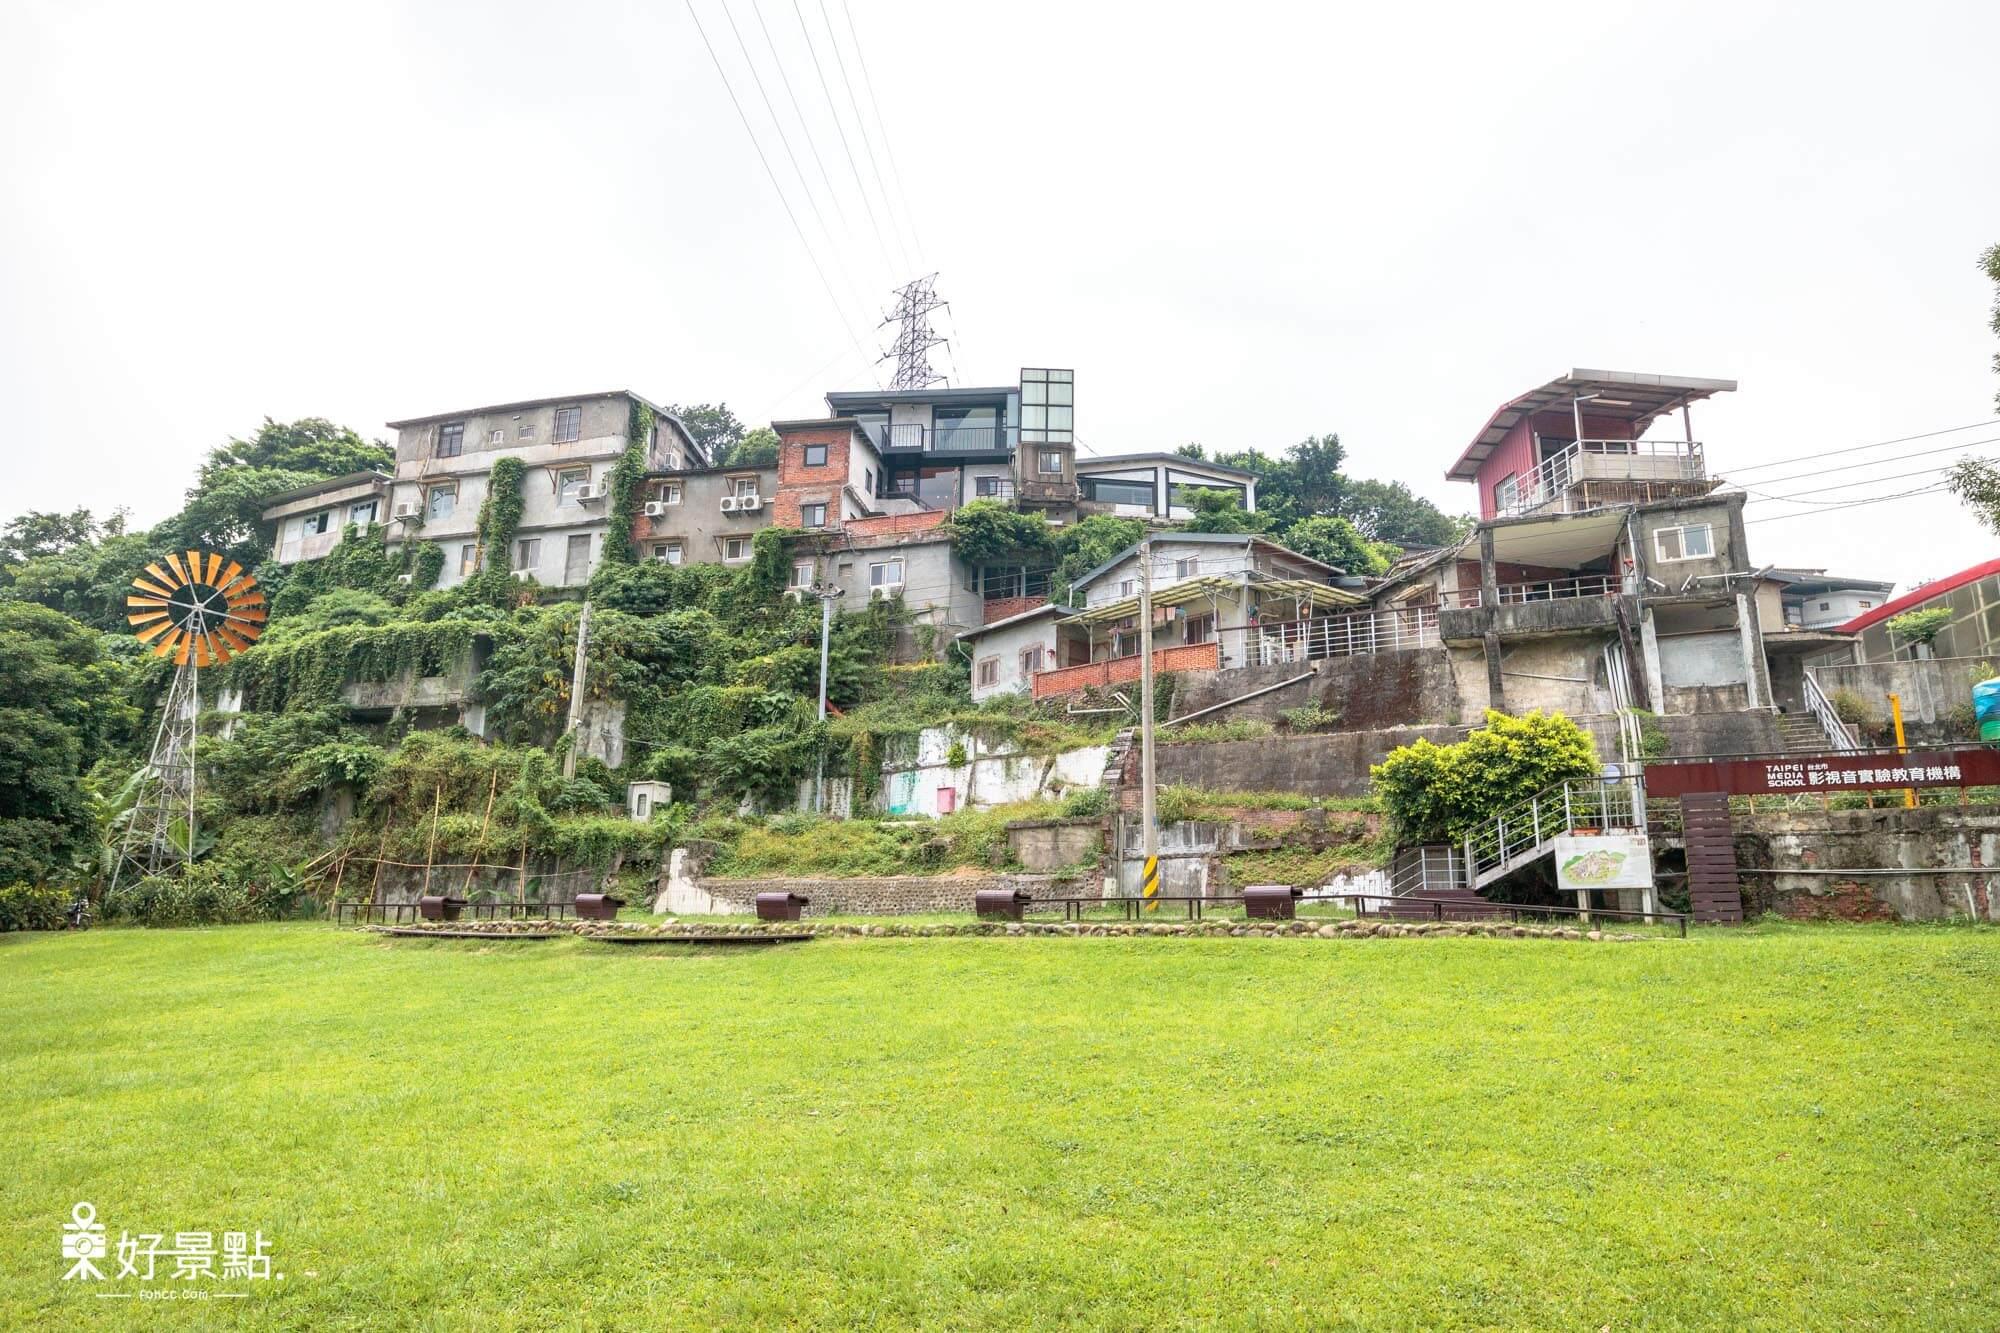 |台北。中正|台北國際藝術村(寶藏巖)-旅遊景點介紹